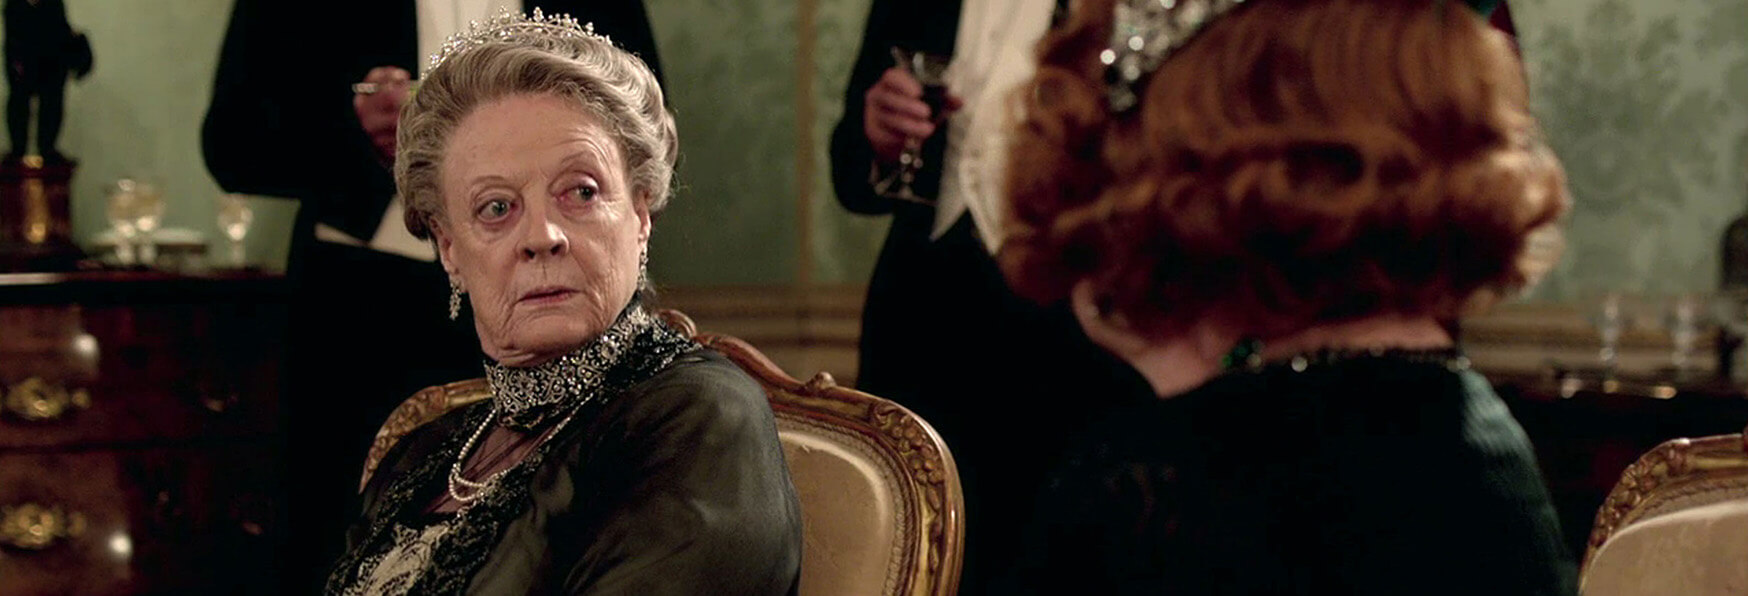 Downton Abbey, prestissimo il Film al Cinema